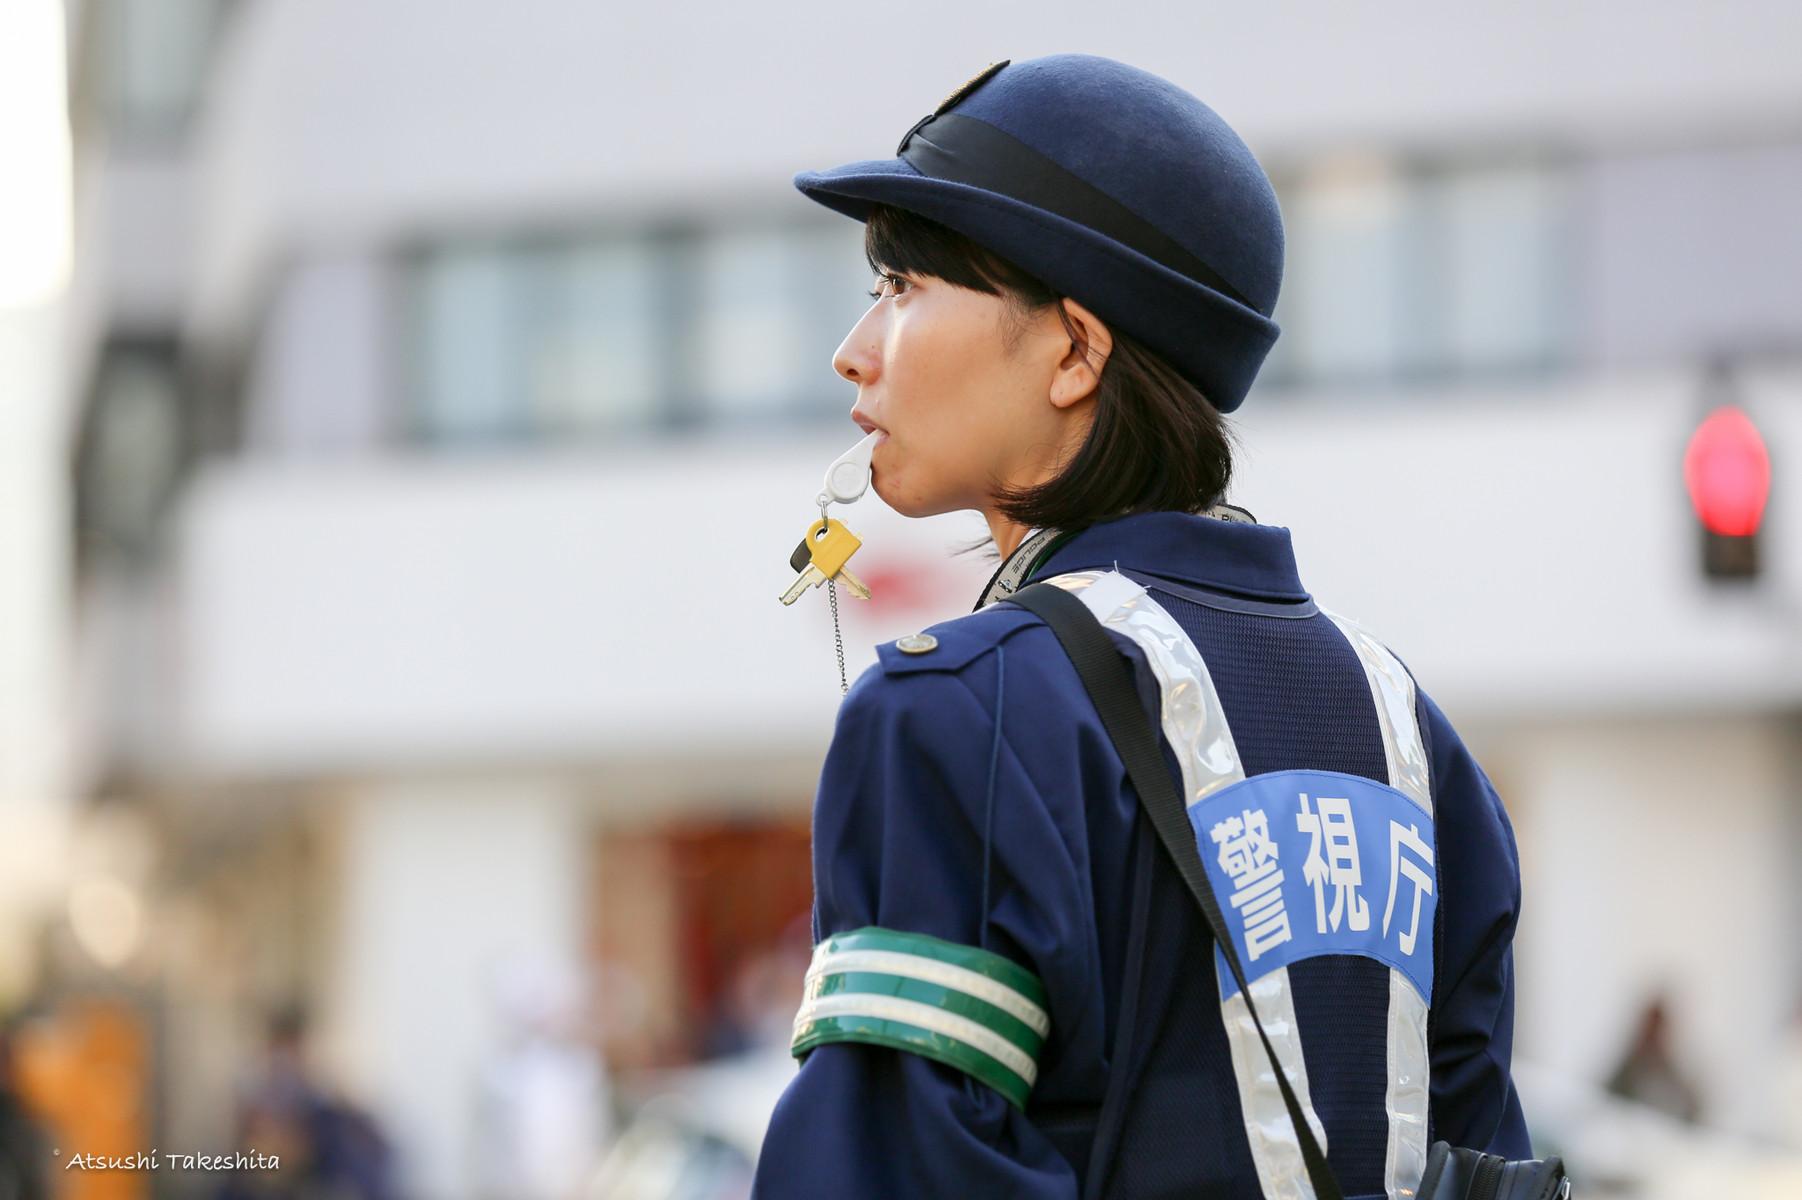 世上最遙遠的愛情,女警員愛上黑社會壞男孩